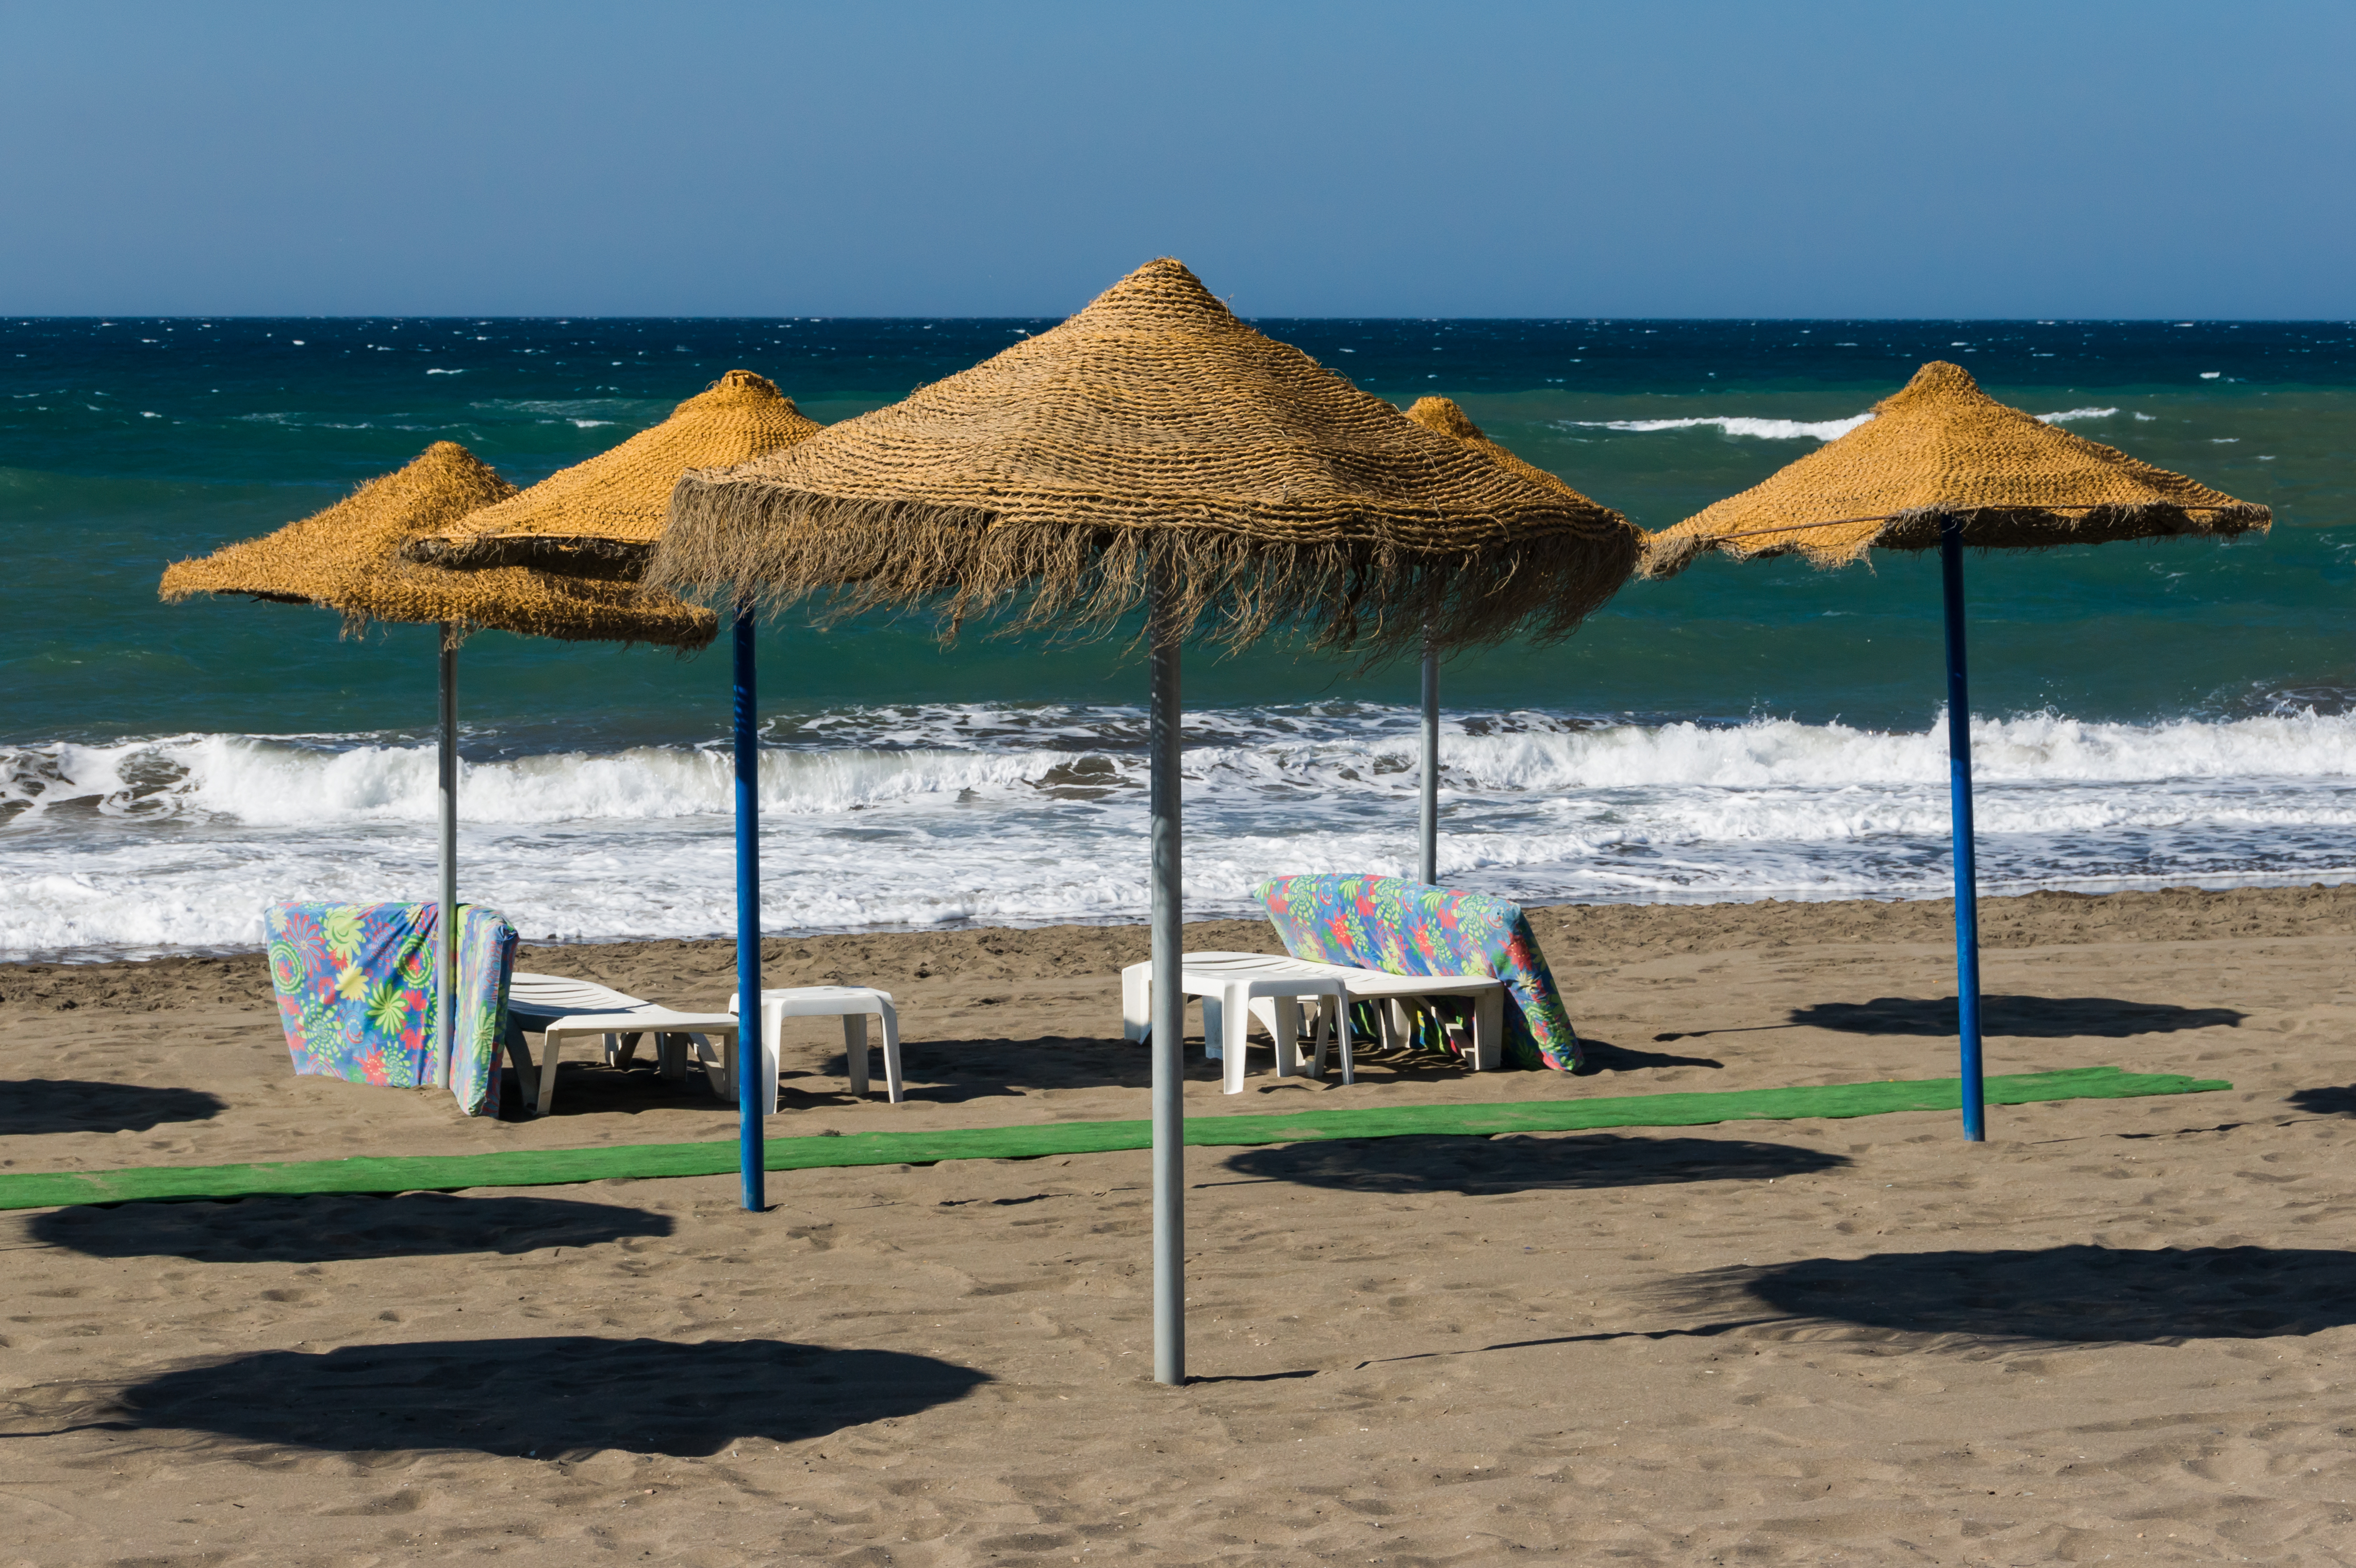 Fileparasols beach furniture beach rincon de la victoria andalusia spain jpg